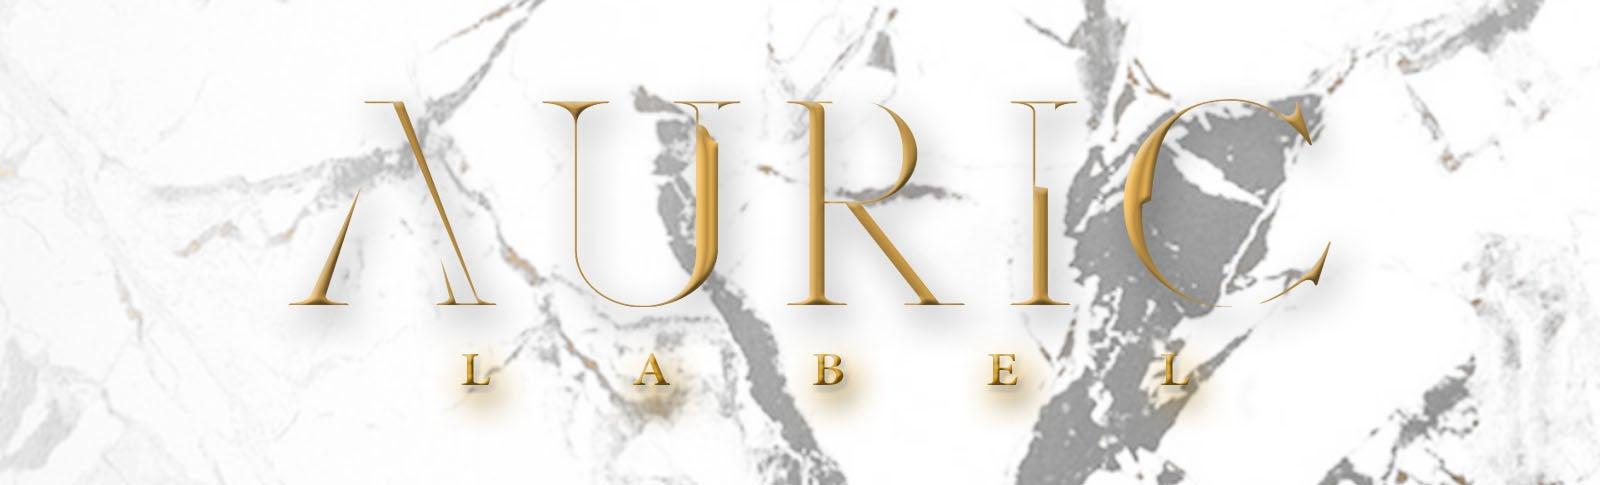 Auric Label